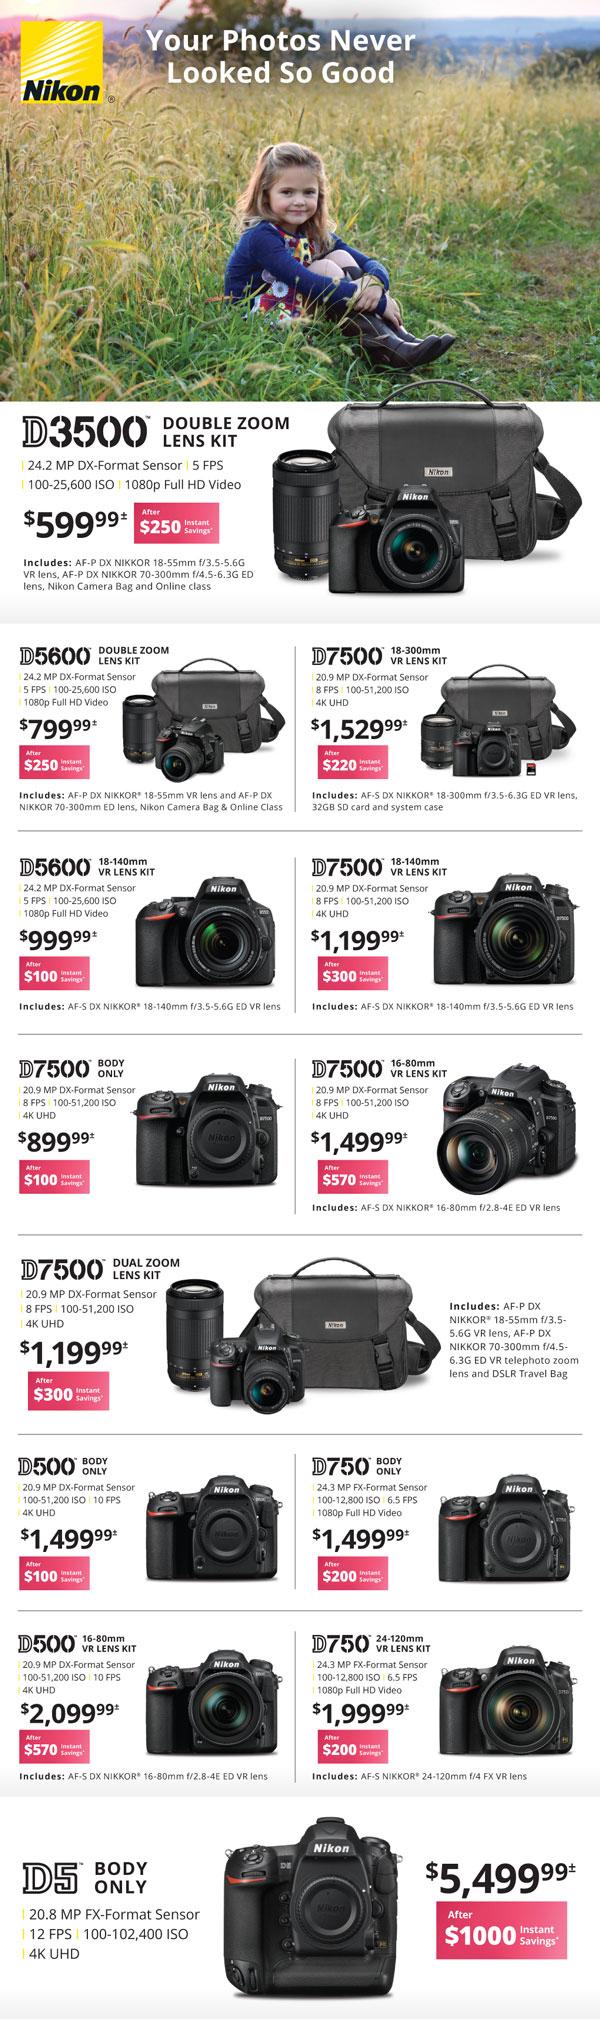 Nikon D3500 double zoom lens kit $599.99 after $250 instant savings - D5600 double zoom lens kit $799.99 after $250 instant savings - D7500 18-140 VR lens kit $1529.99 after $220 instant savings - D5600 18-140 VR lens kit $999.99 after $100 instant savings - D7500 with 18-140 VR lens kit $1199.99 after $300 instant savings - D7500 body only $899.99 after $100 instant savings - D7500 16-80 VR lens kit $1499.99 after $570 instant savings - D7500 dual zoom lens kit $1199.99 after $300 instant savings - D500 body only $1499.99 after $100 instant savings - D750 body only $1499.99 after $200 instant savings - D500 with 16-80 VR lens kit $2099.99 after $570 instant savings - D750 with 24-120mm VR lens kit $1999.99 after $200 instant savings - D5 body only $5499.99 after $1000 instant savings